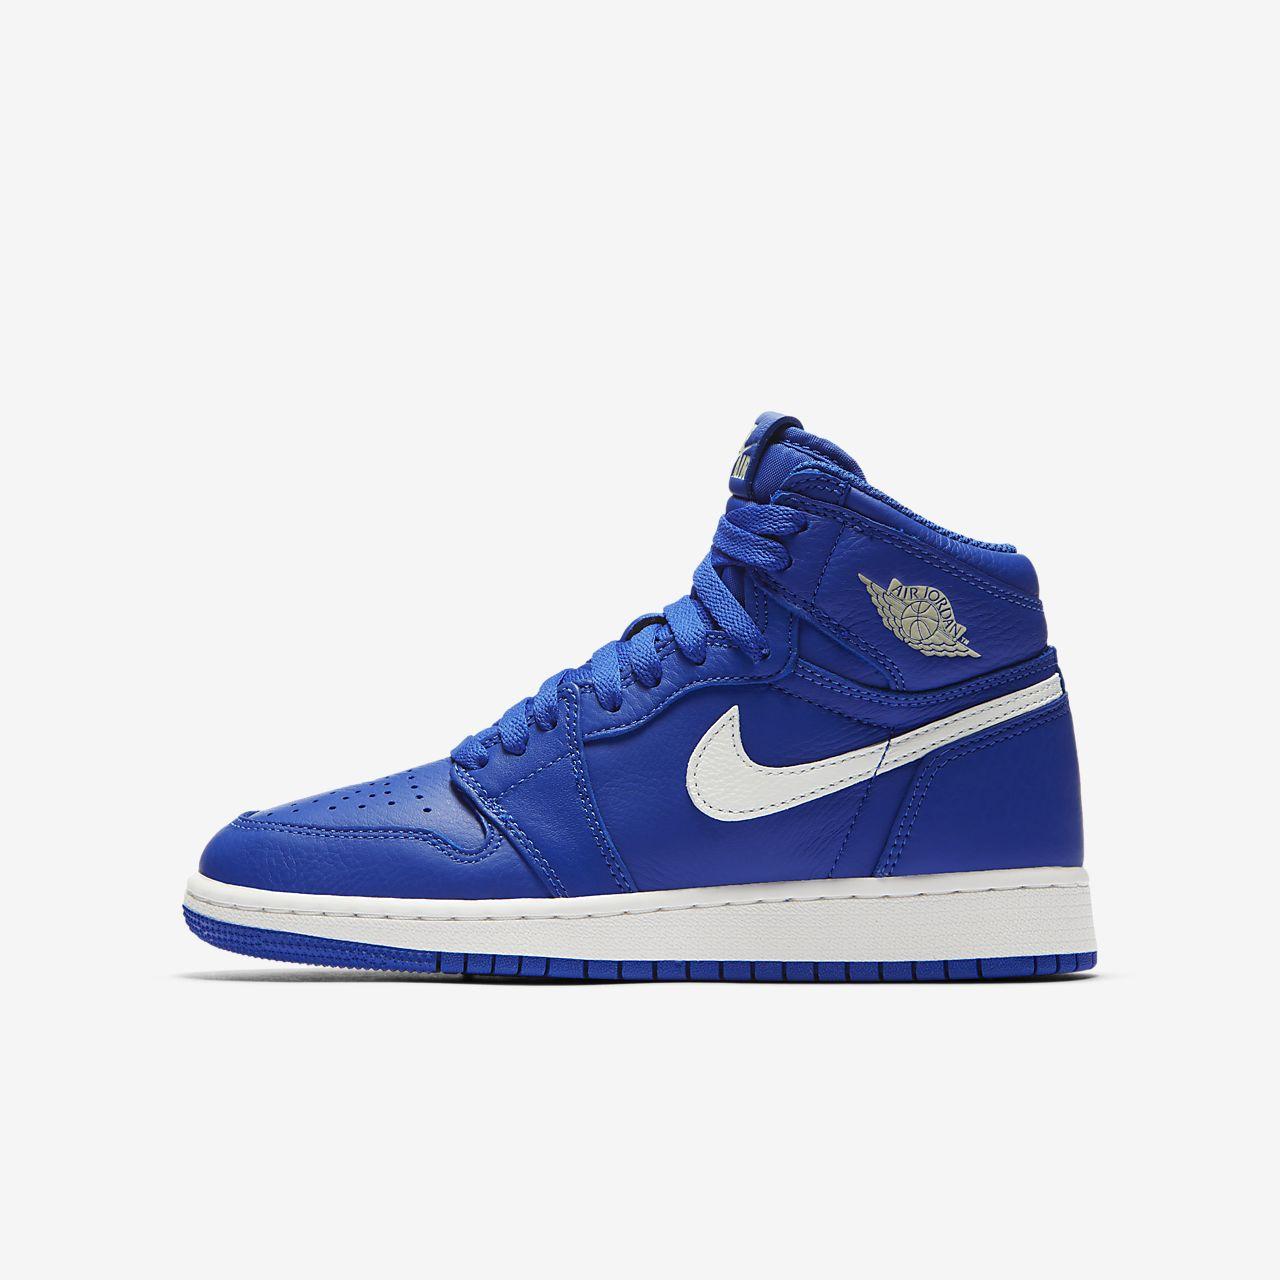 40036326ada Air Jordan 1 Retro High OG Boys  Shoe. Nike.com GB